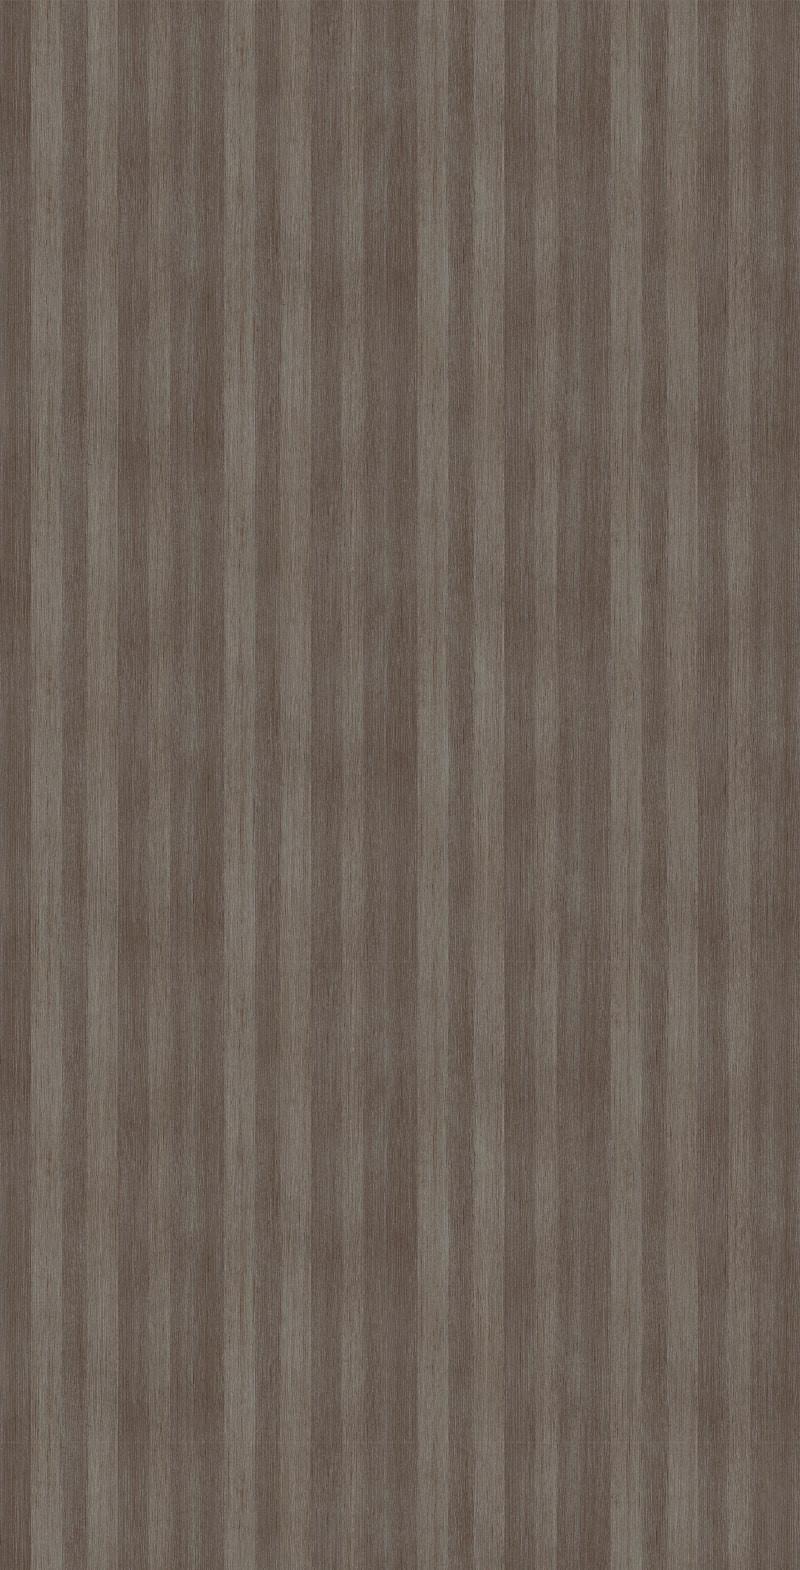 NW 24 Greyed Cedar